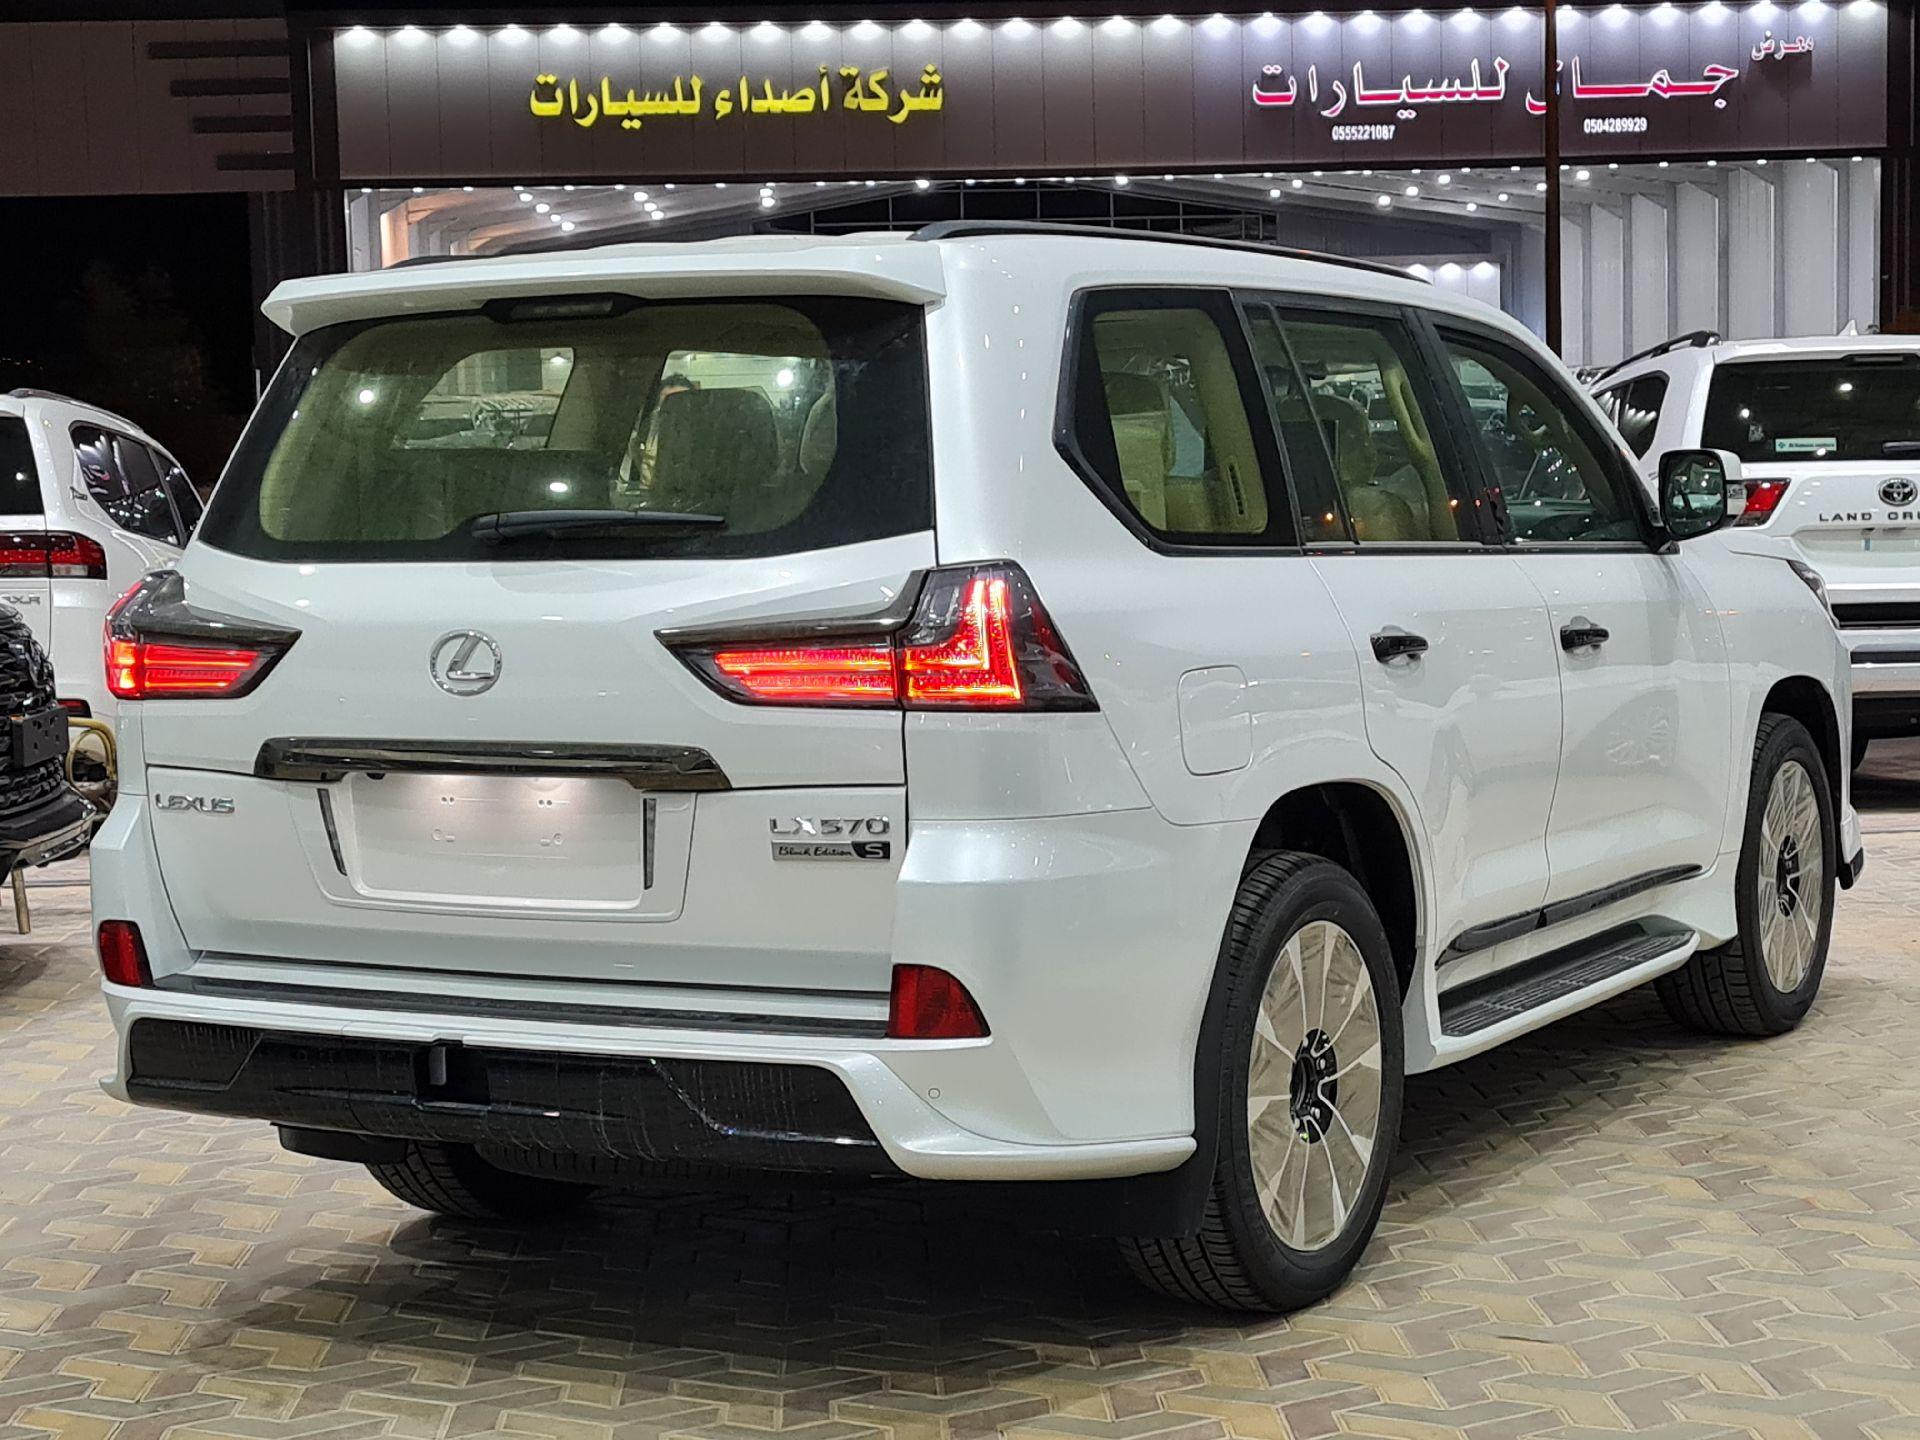 لكزس LX 570 Black Ed. 2021 فل خليجي للبيع في الرياض - السعودية - صورة كبيرة - 4